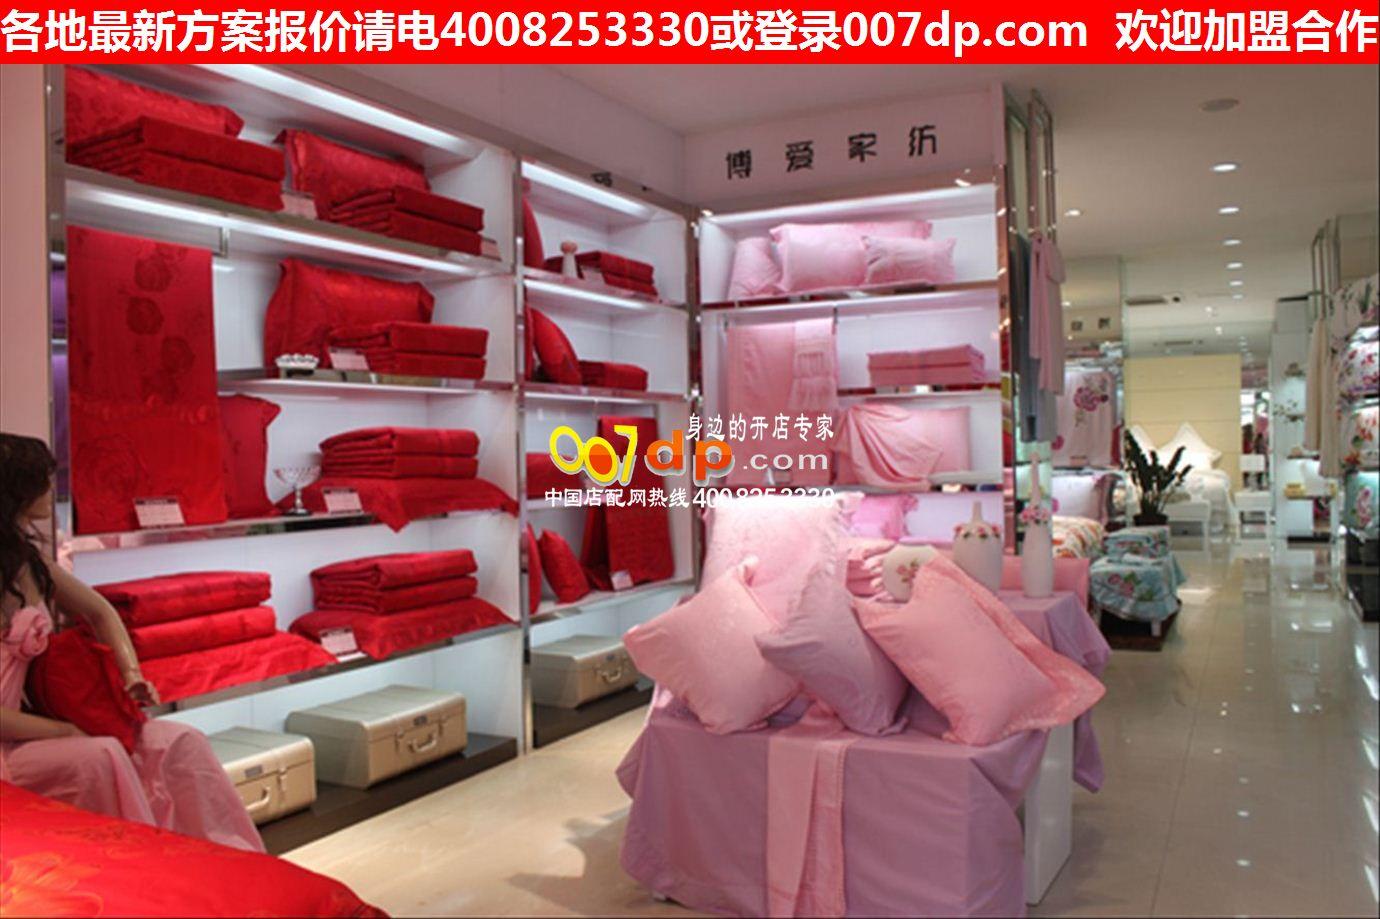 时尚个性家纺店装修高档创意家纺展柜货架货柜效果